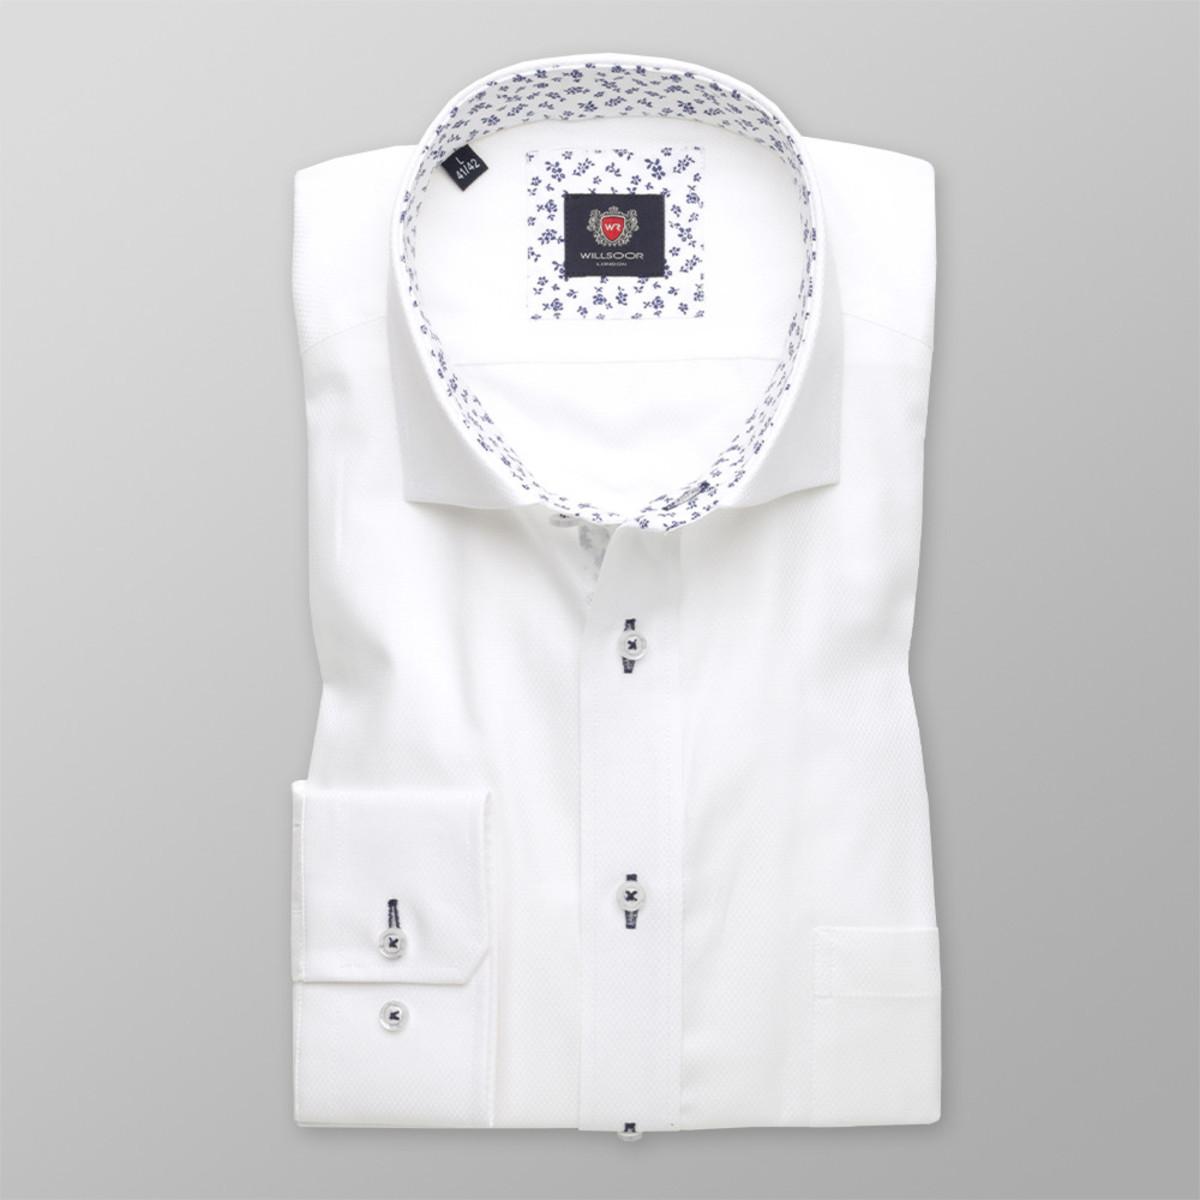 Pánska klasická košeľa London (výška 176-182) 8643 v biele farbe 176-182 / XL (43/44)